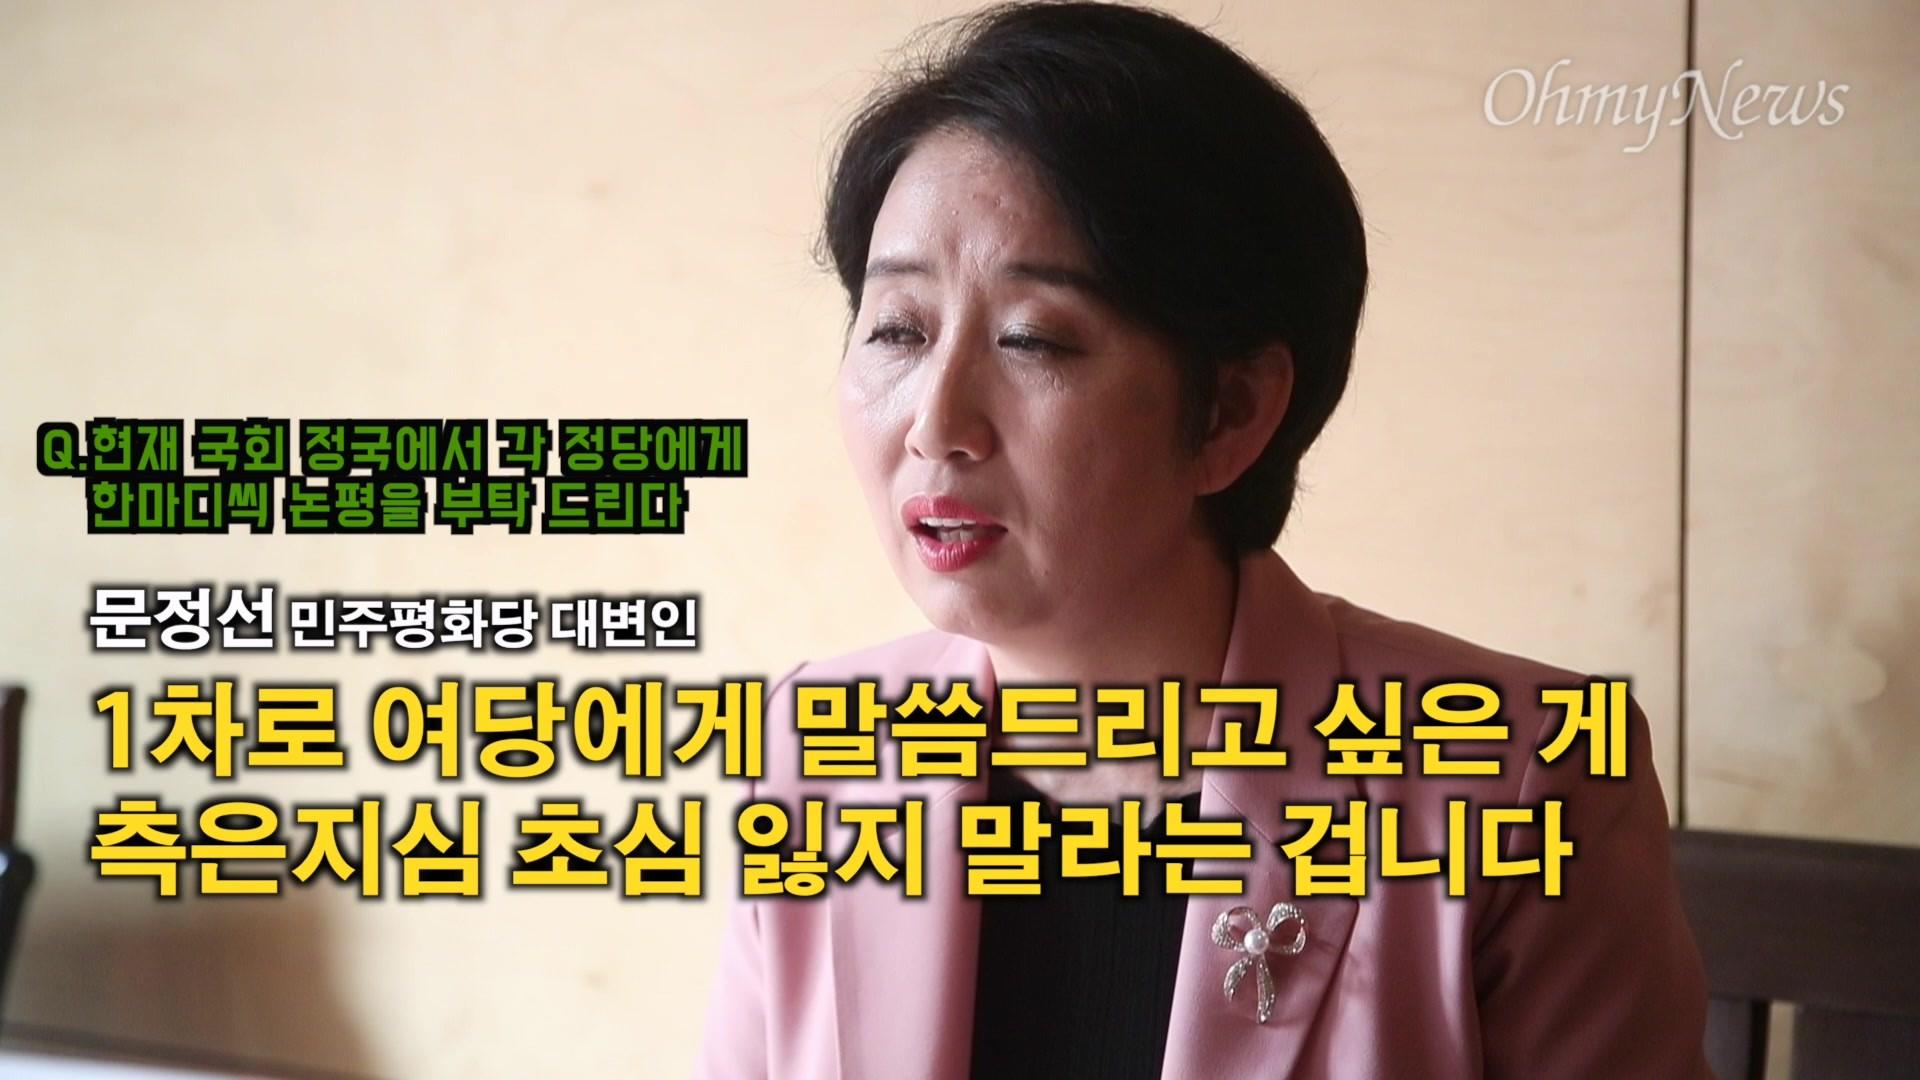 문정선 민주평화당 대변인, 여야 정당에게 전하는 당부 메시지